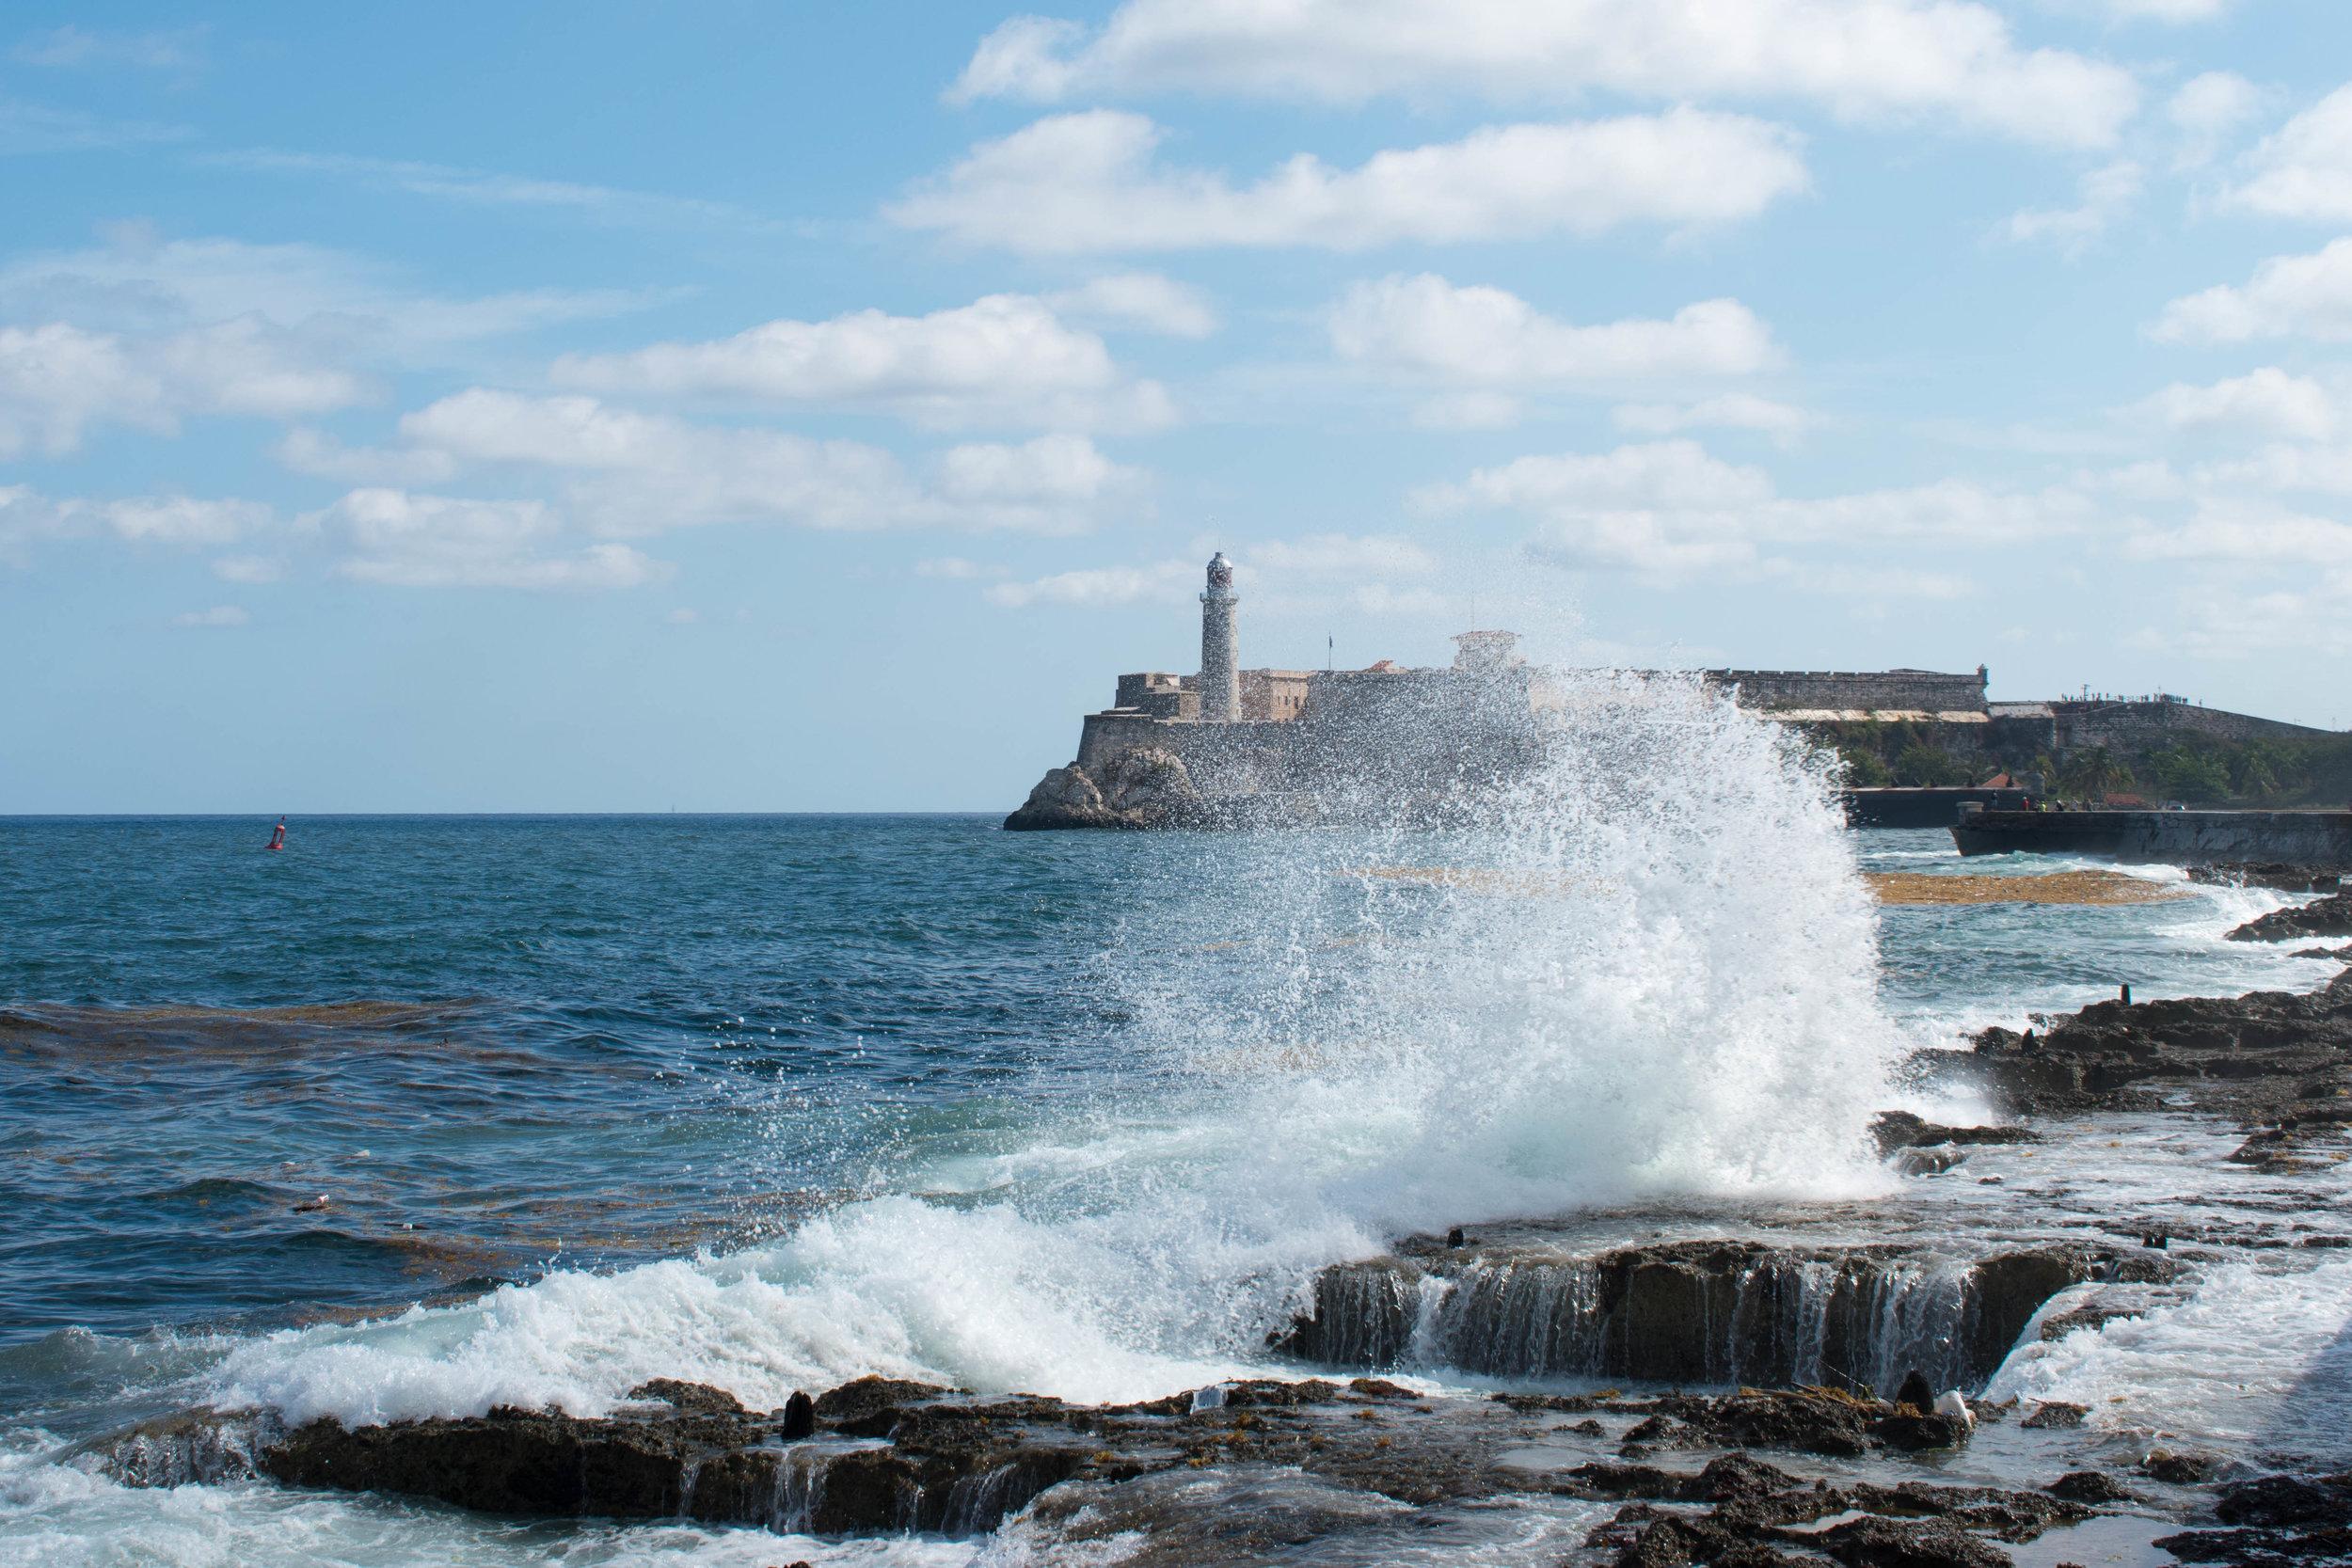 Waves Break At The Sea Wall in Havana, Cuba